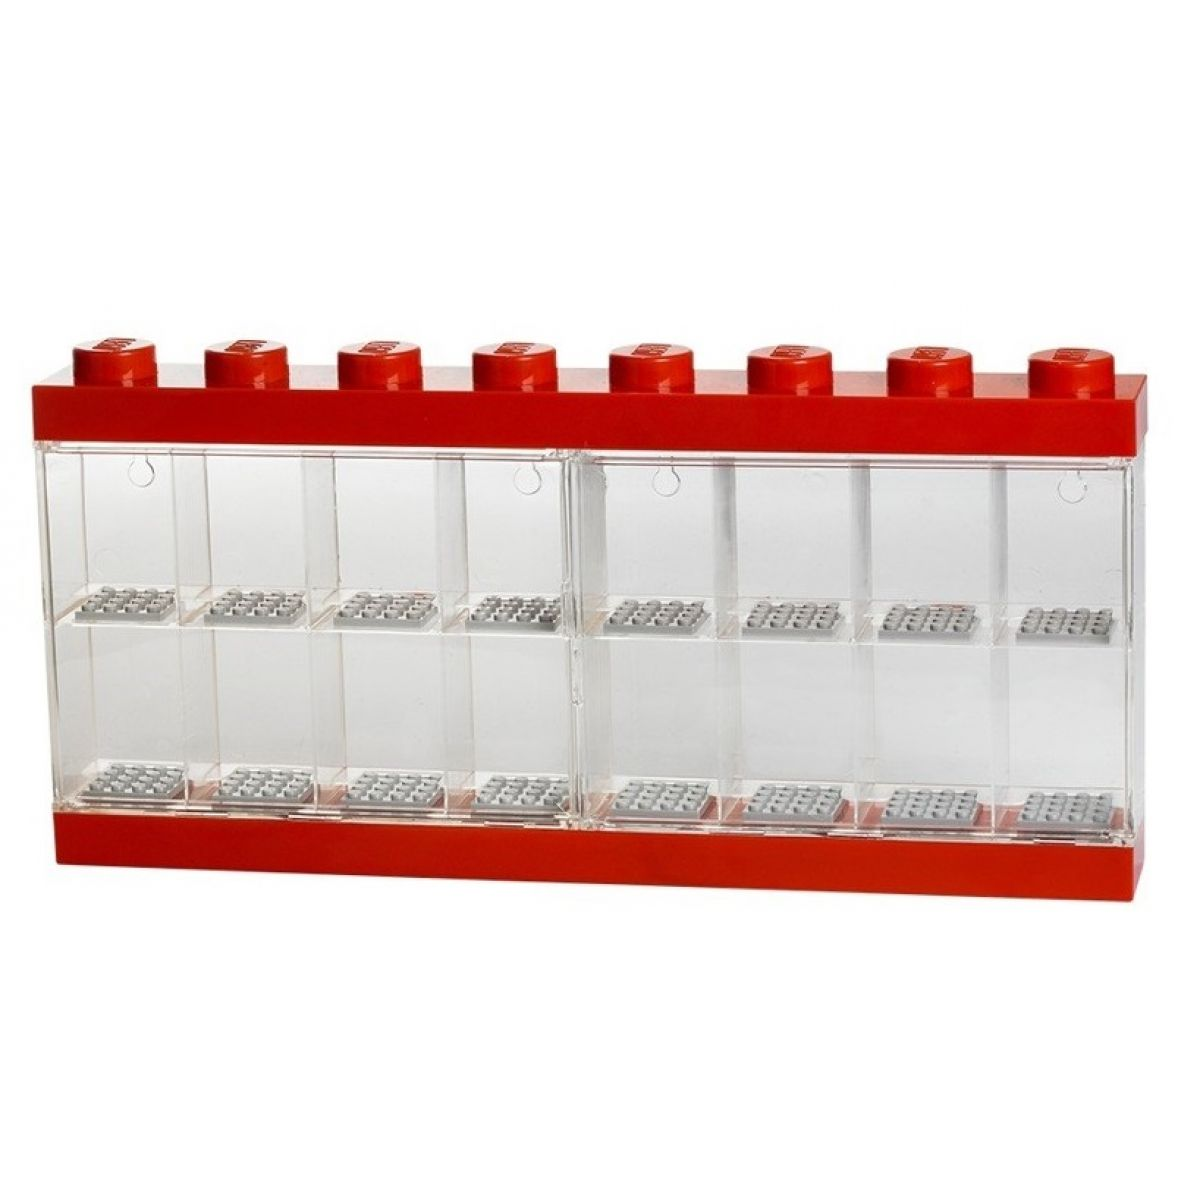 LEGO Zberateľská skrinka na 16 minifigúrok červená